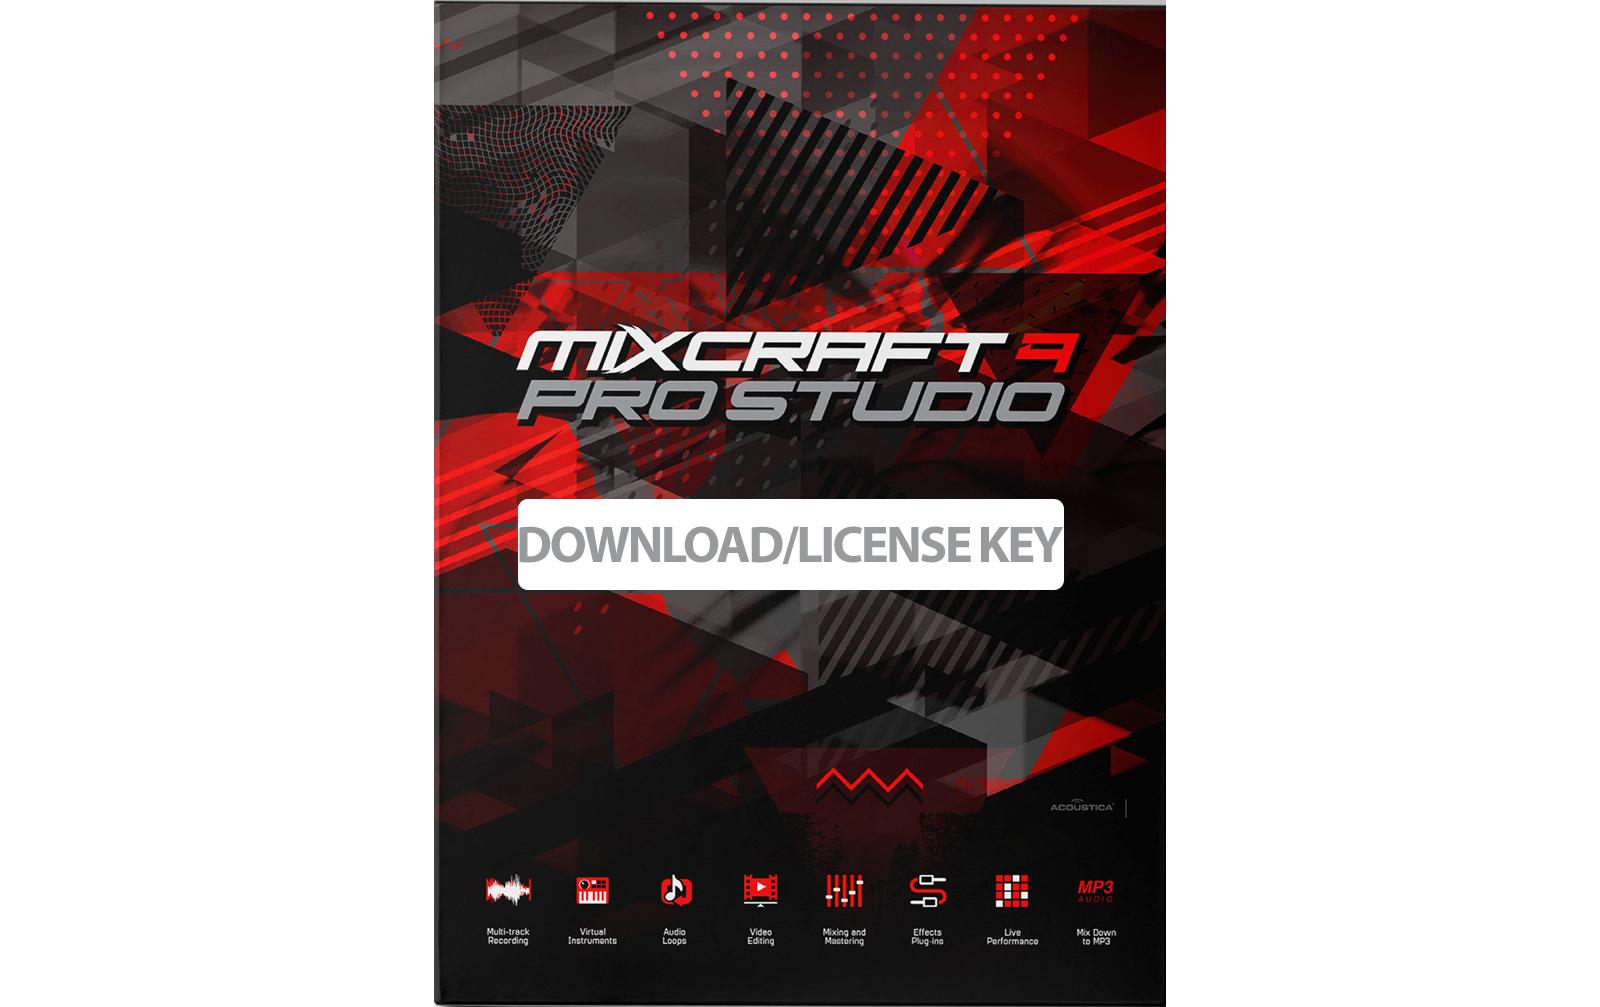 mixcraft-9-pro-studio-update-von-pro-8-download-license-key